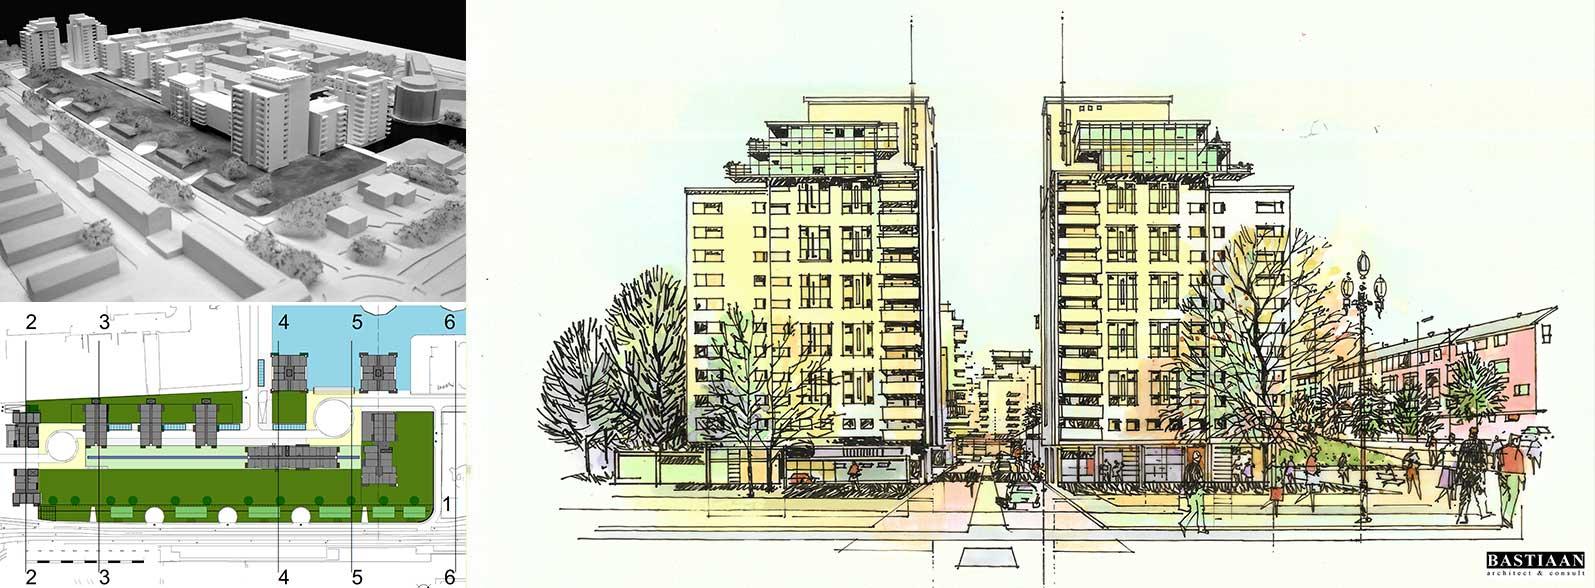 meervoudige woningbouwarchitectuur   urban   landschap